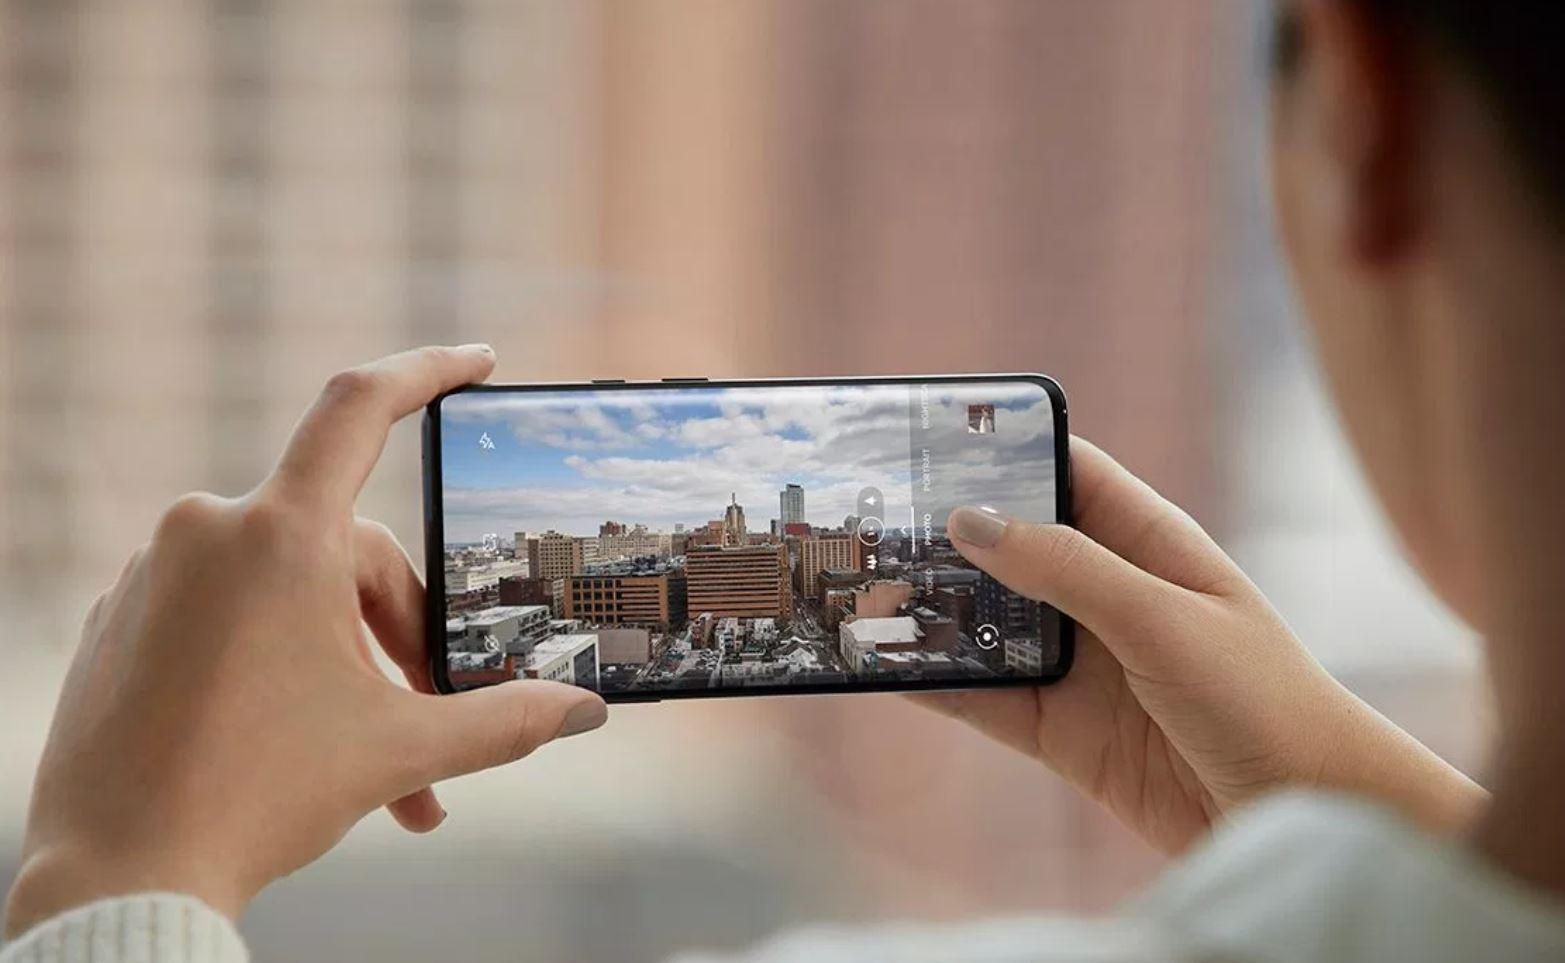 עוד לפני ההשקה בארץ: סל נאו מורידה את מחירי ה-OnePlus 7 Pro